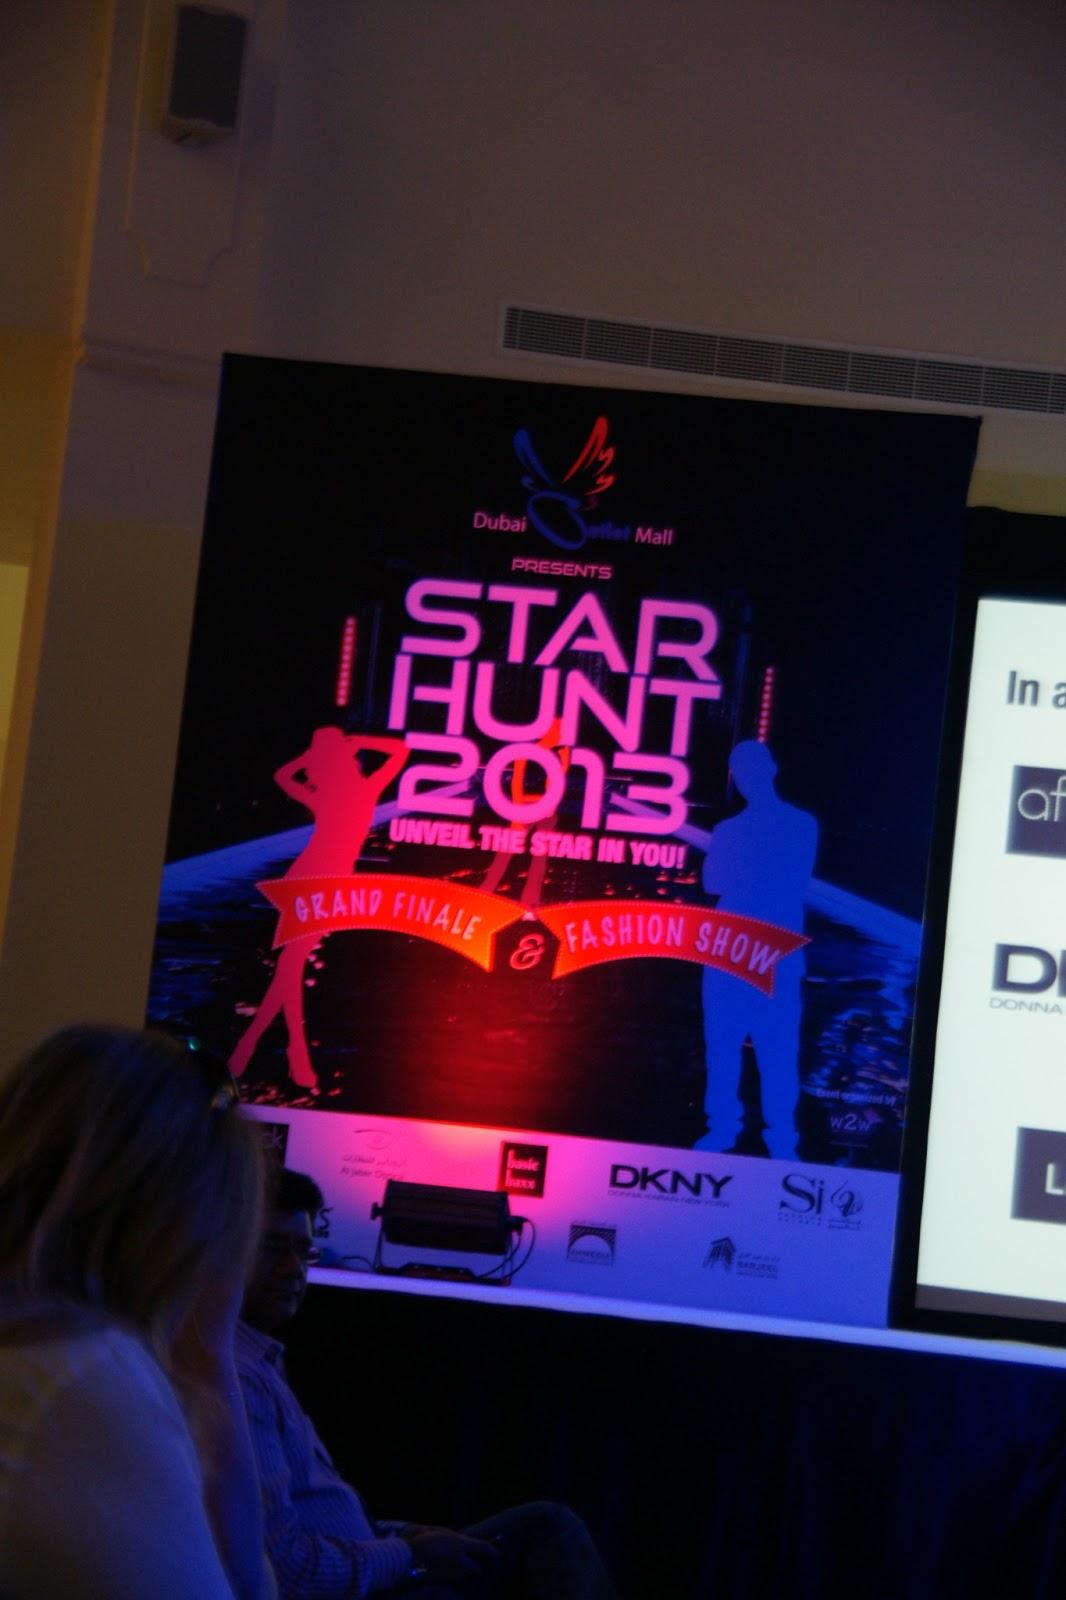 Star Hunt 2013 Fashion Show